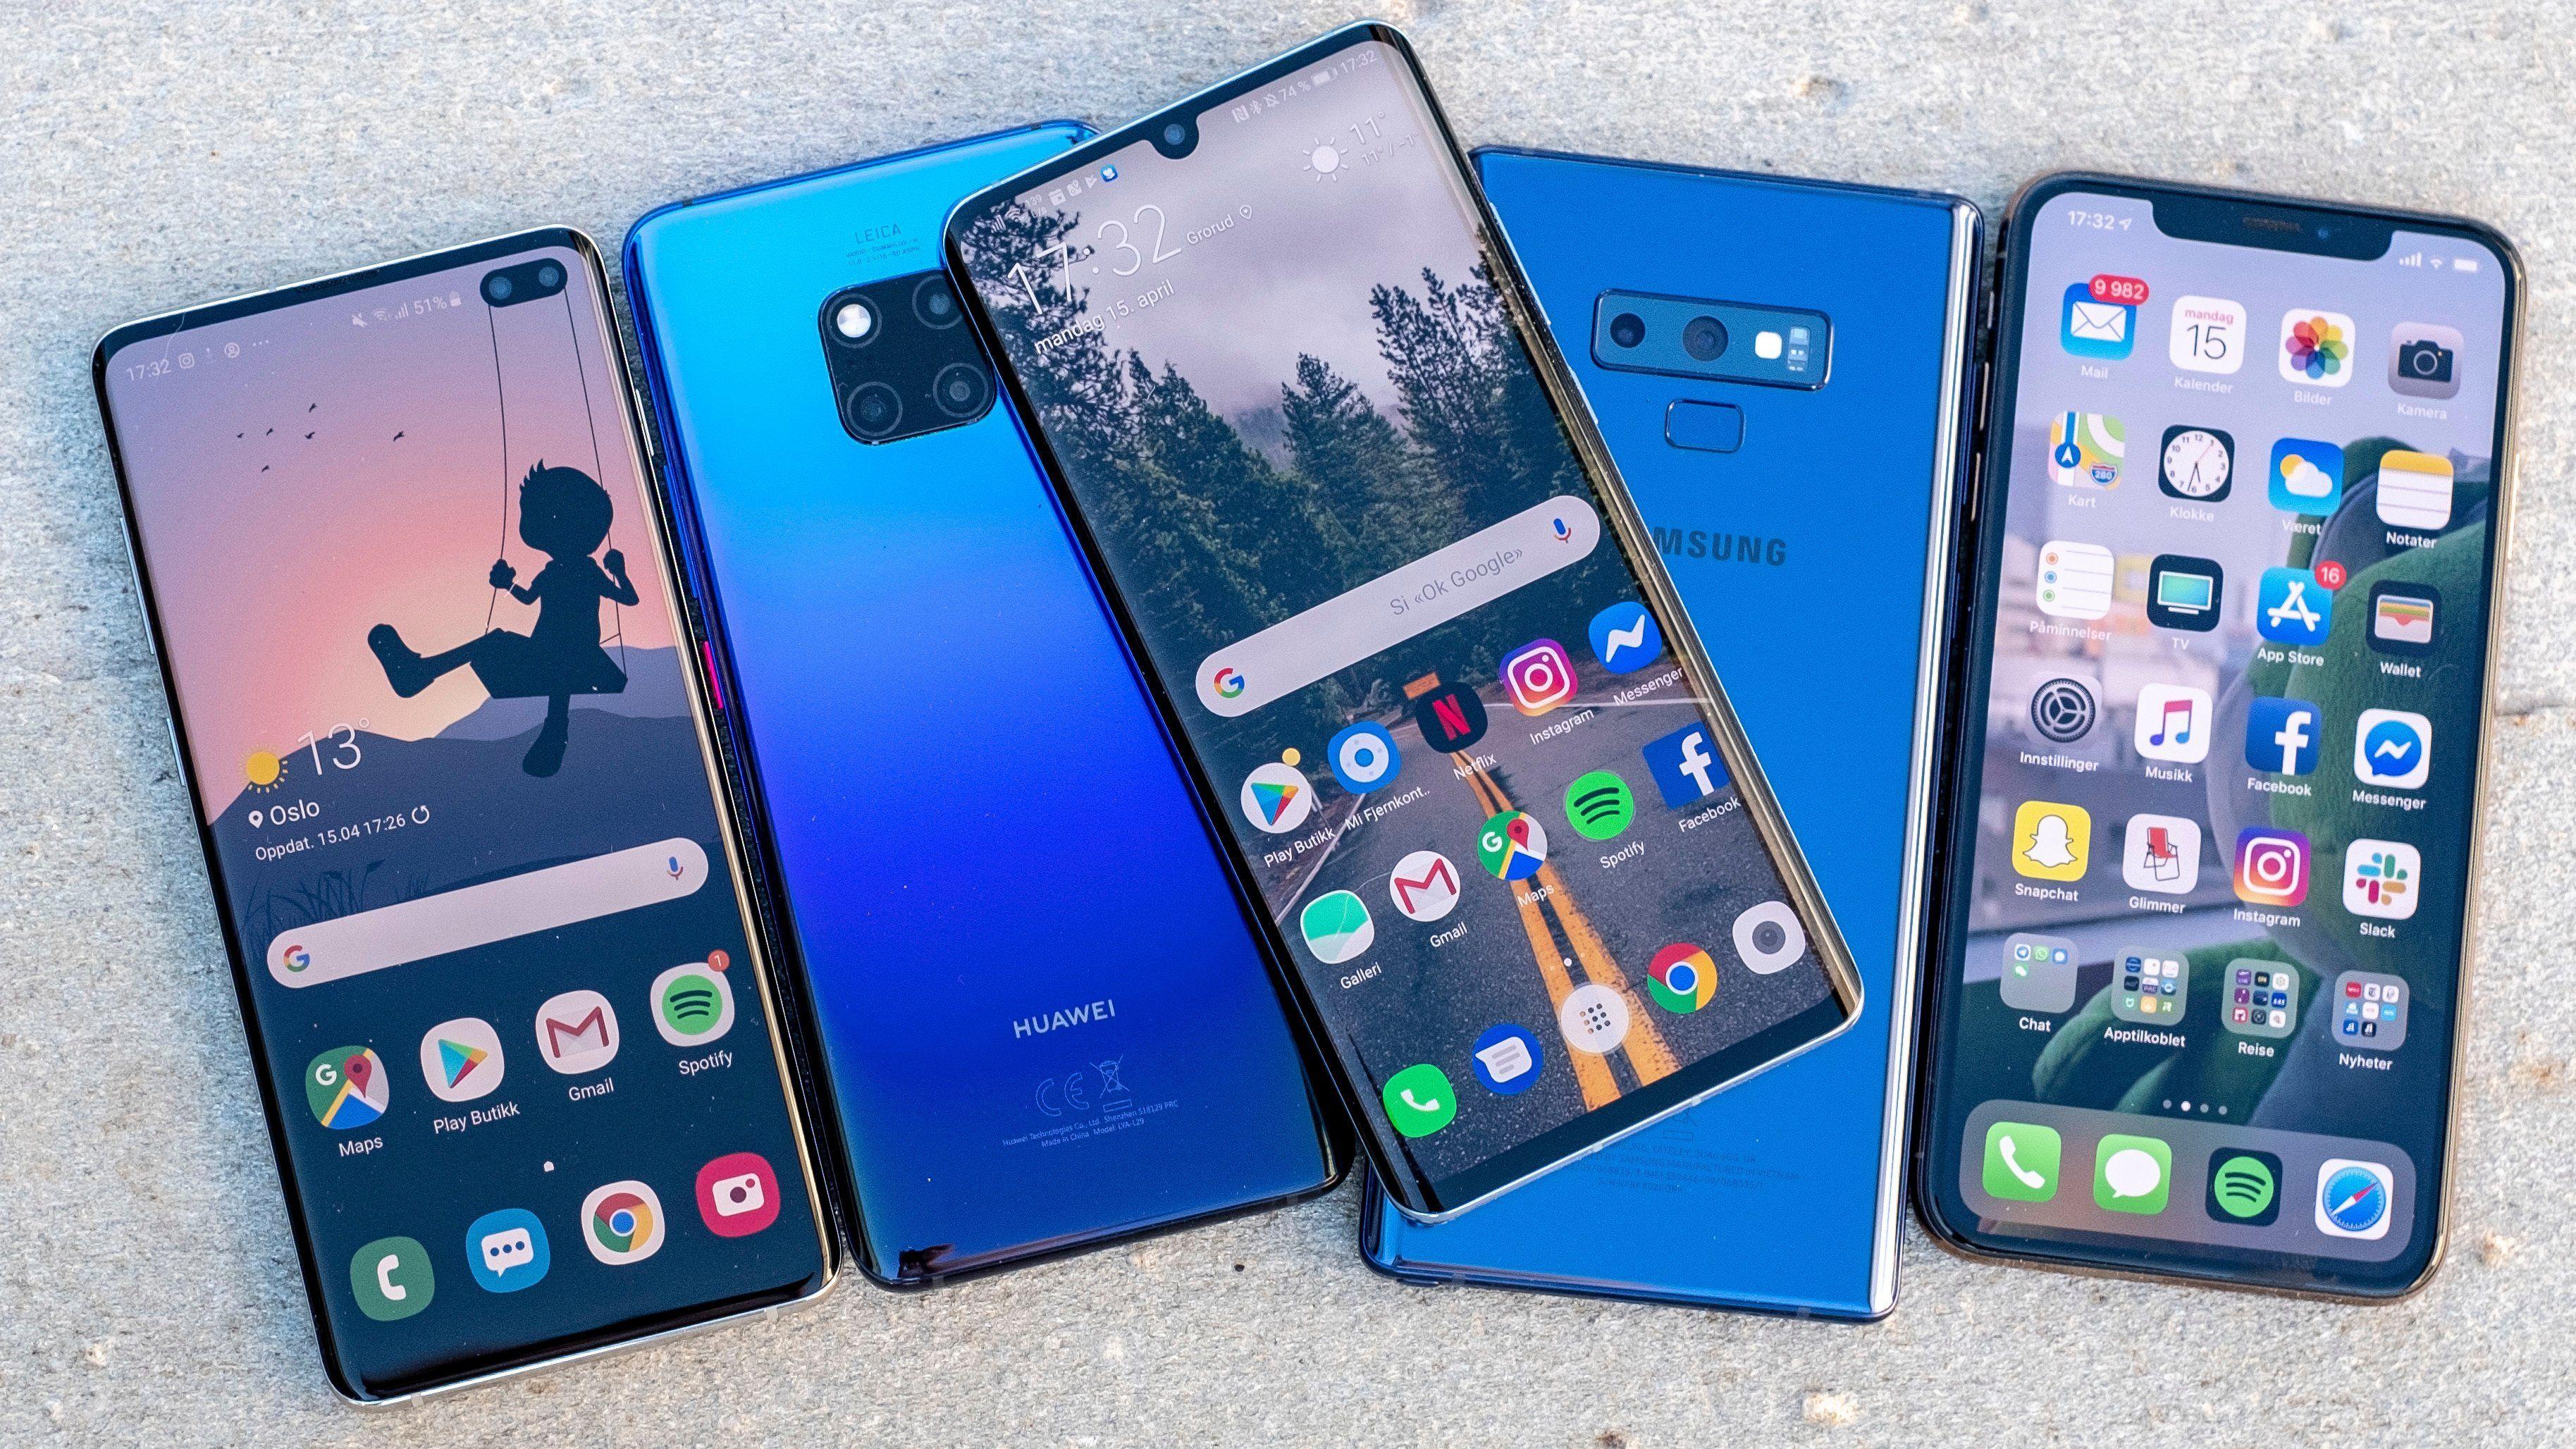 Etter å ha varmet opp i en del år har Huawei virkelig giret opp kampen om mobiltronen de siste årene. Inntil Samsungs nye Note 10 kom på markedet hadde Huaweis tre siste mobiler på rad og rekke havnet på toppen av vår mobilrangering. De har også skapt så mye interesse at de har blitt anmeldt i amerikanske medier, til tross for at de ikke har vært solgt der. Fra venstre: Samsung Galaxy S10+, Huawei Mate 20 Pro, Huawei P30 Pro, Samsung Galaxy Note 9 og Apple iPhone Xs Max.